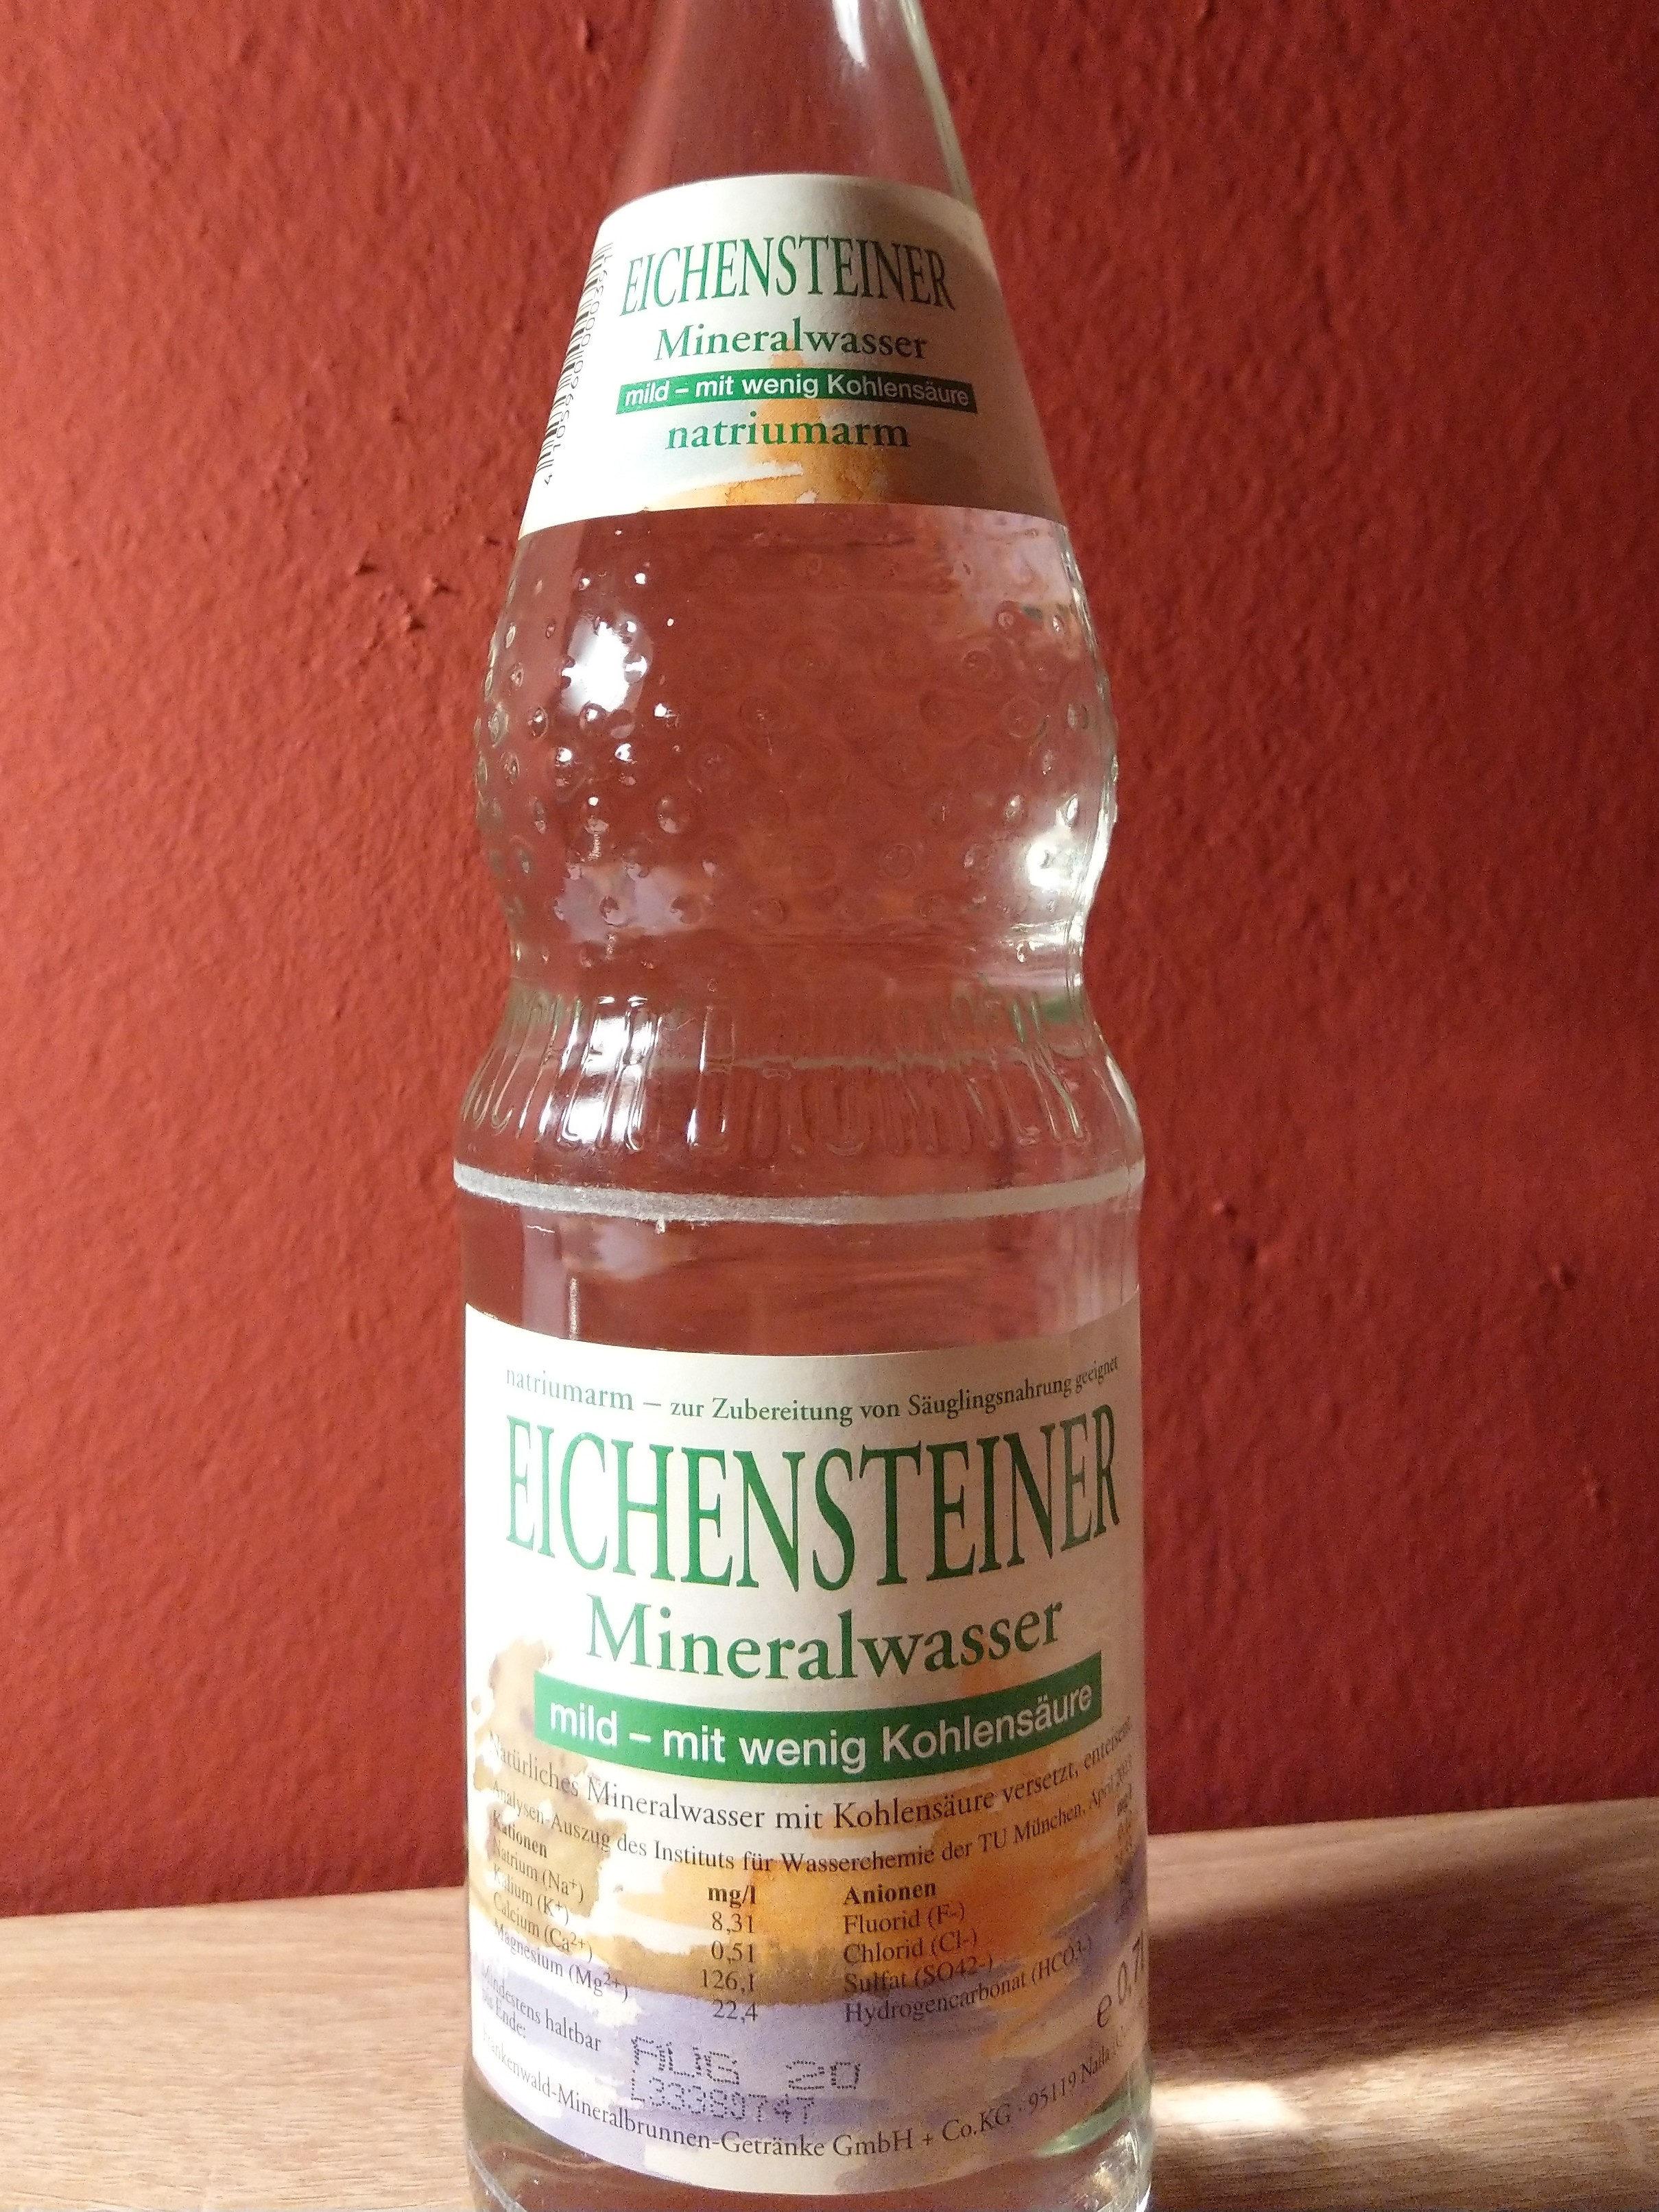 Eichensteiner Mineralwasser - Produkt - de